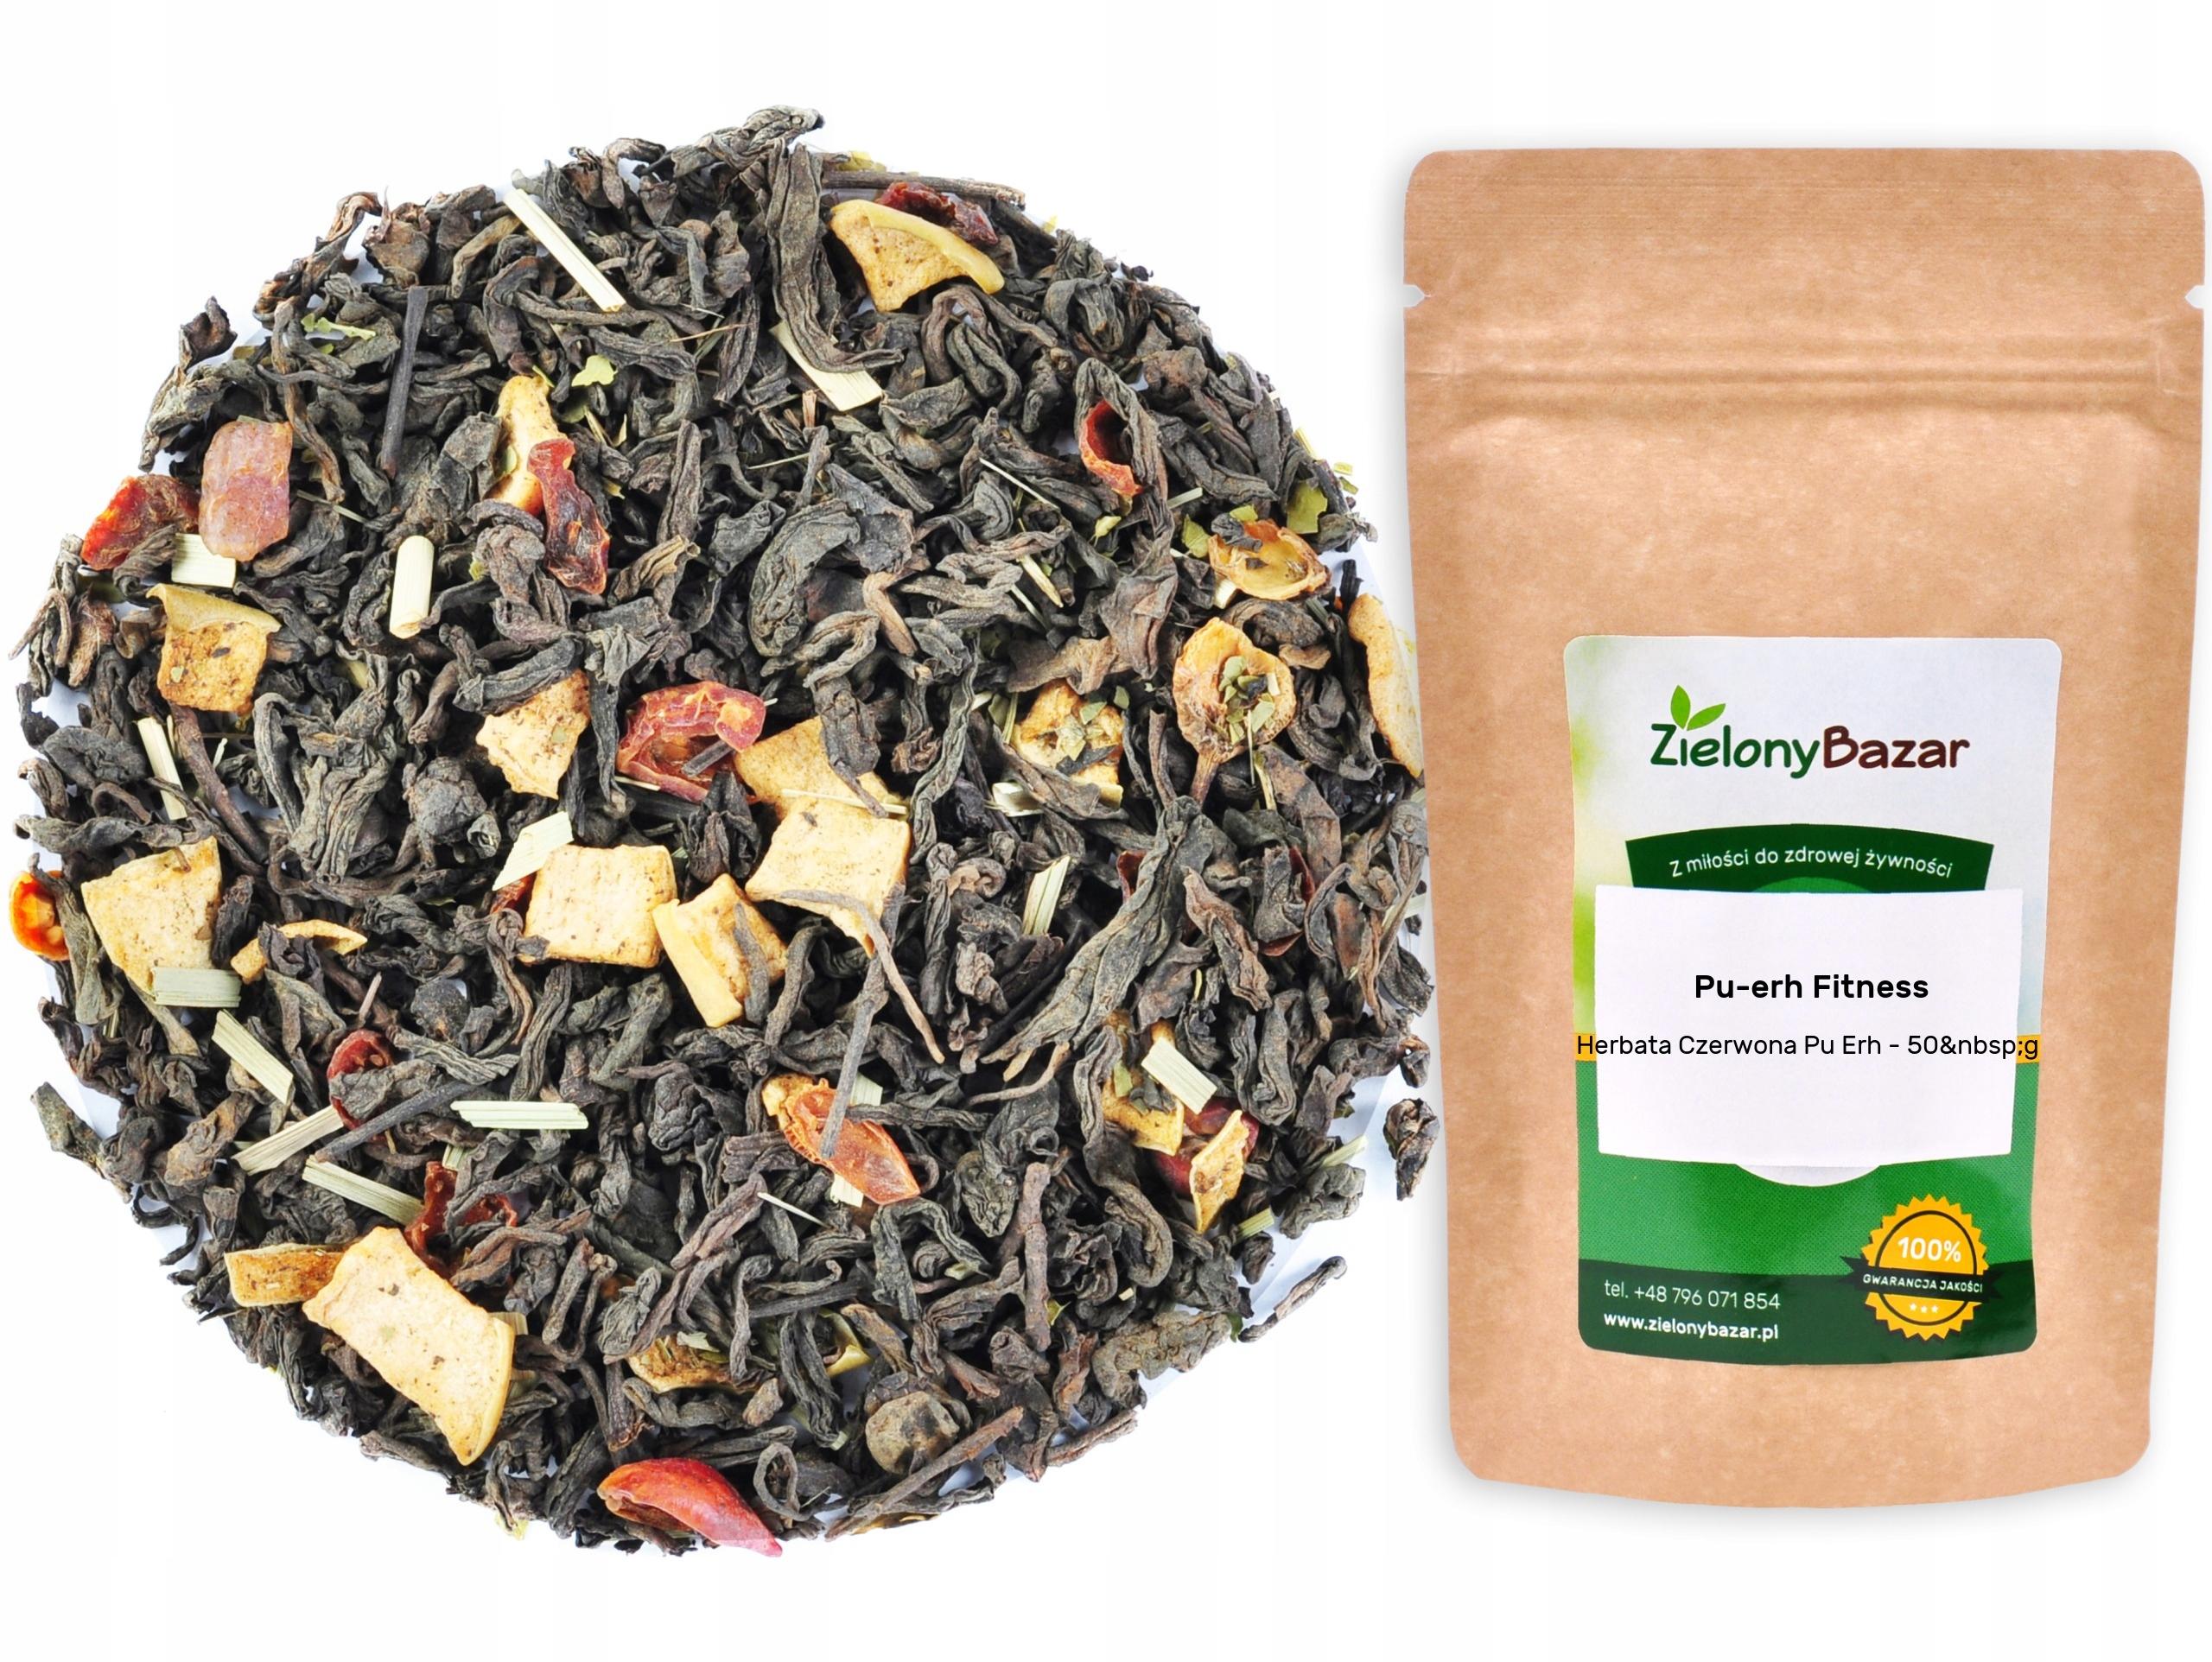 Czerwona Herbata PU ERH FITNESS 50g Na Odchudzanie